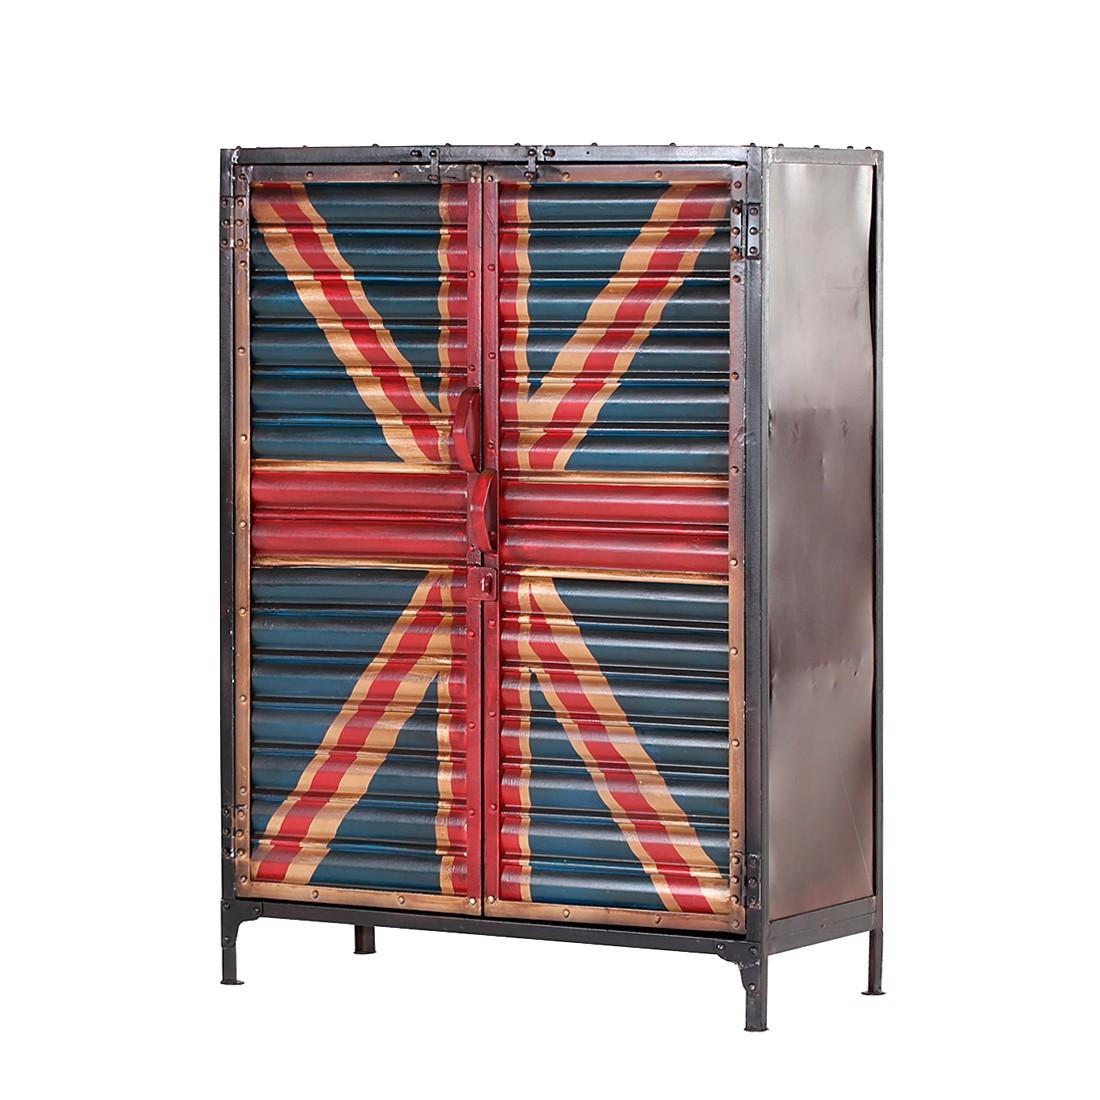 kommode bandera i eisen furnlab g nstig kaufen. Black Bedroom Furniture Sets. Home Design Ideas